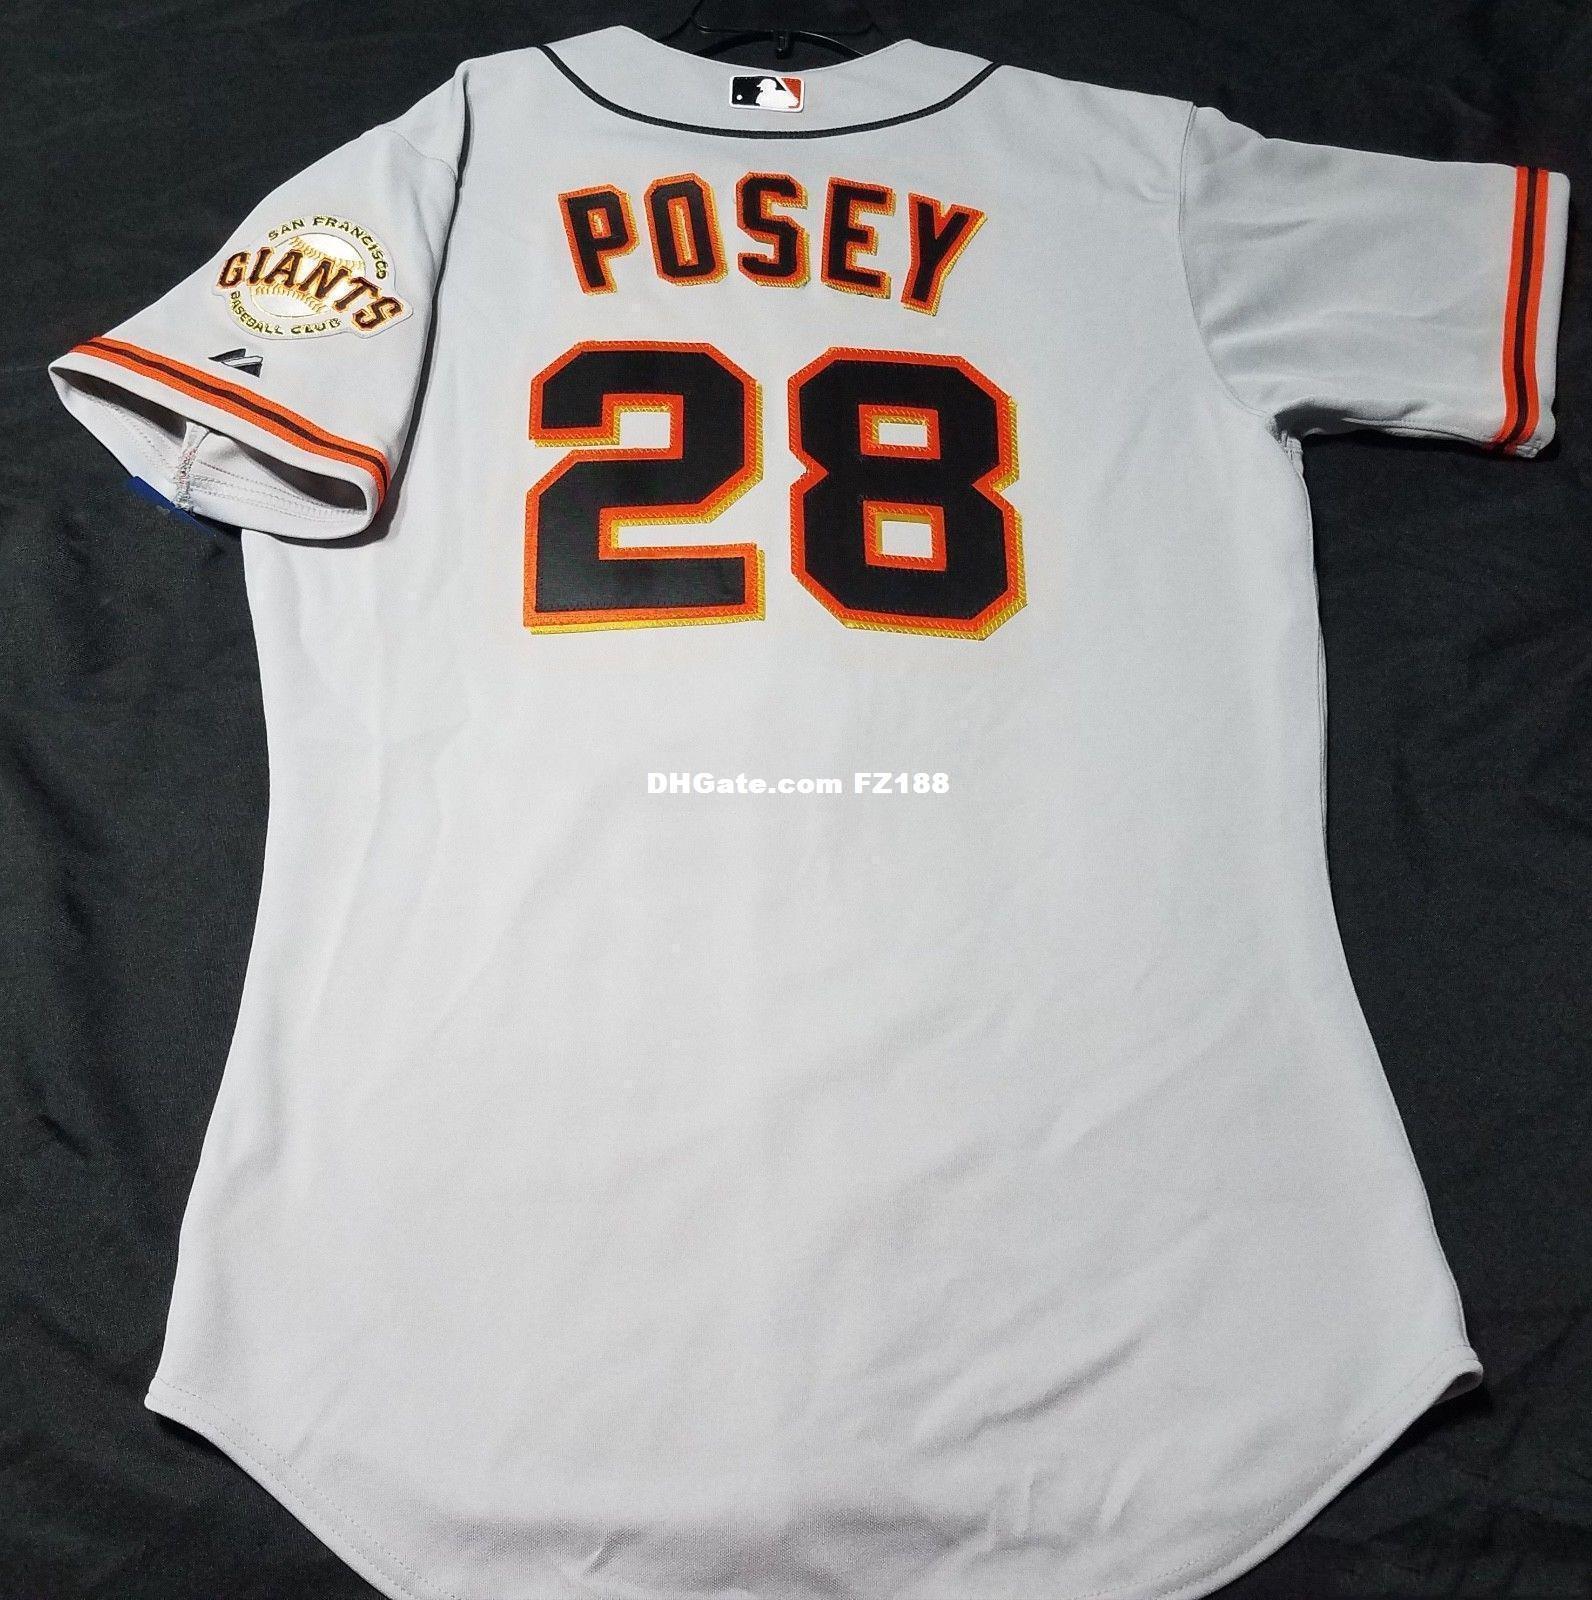 online retailer 058e2 5b68d buster posey jersey cheap